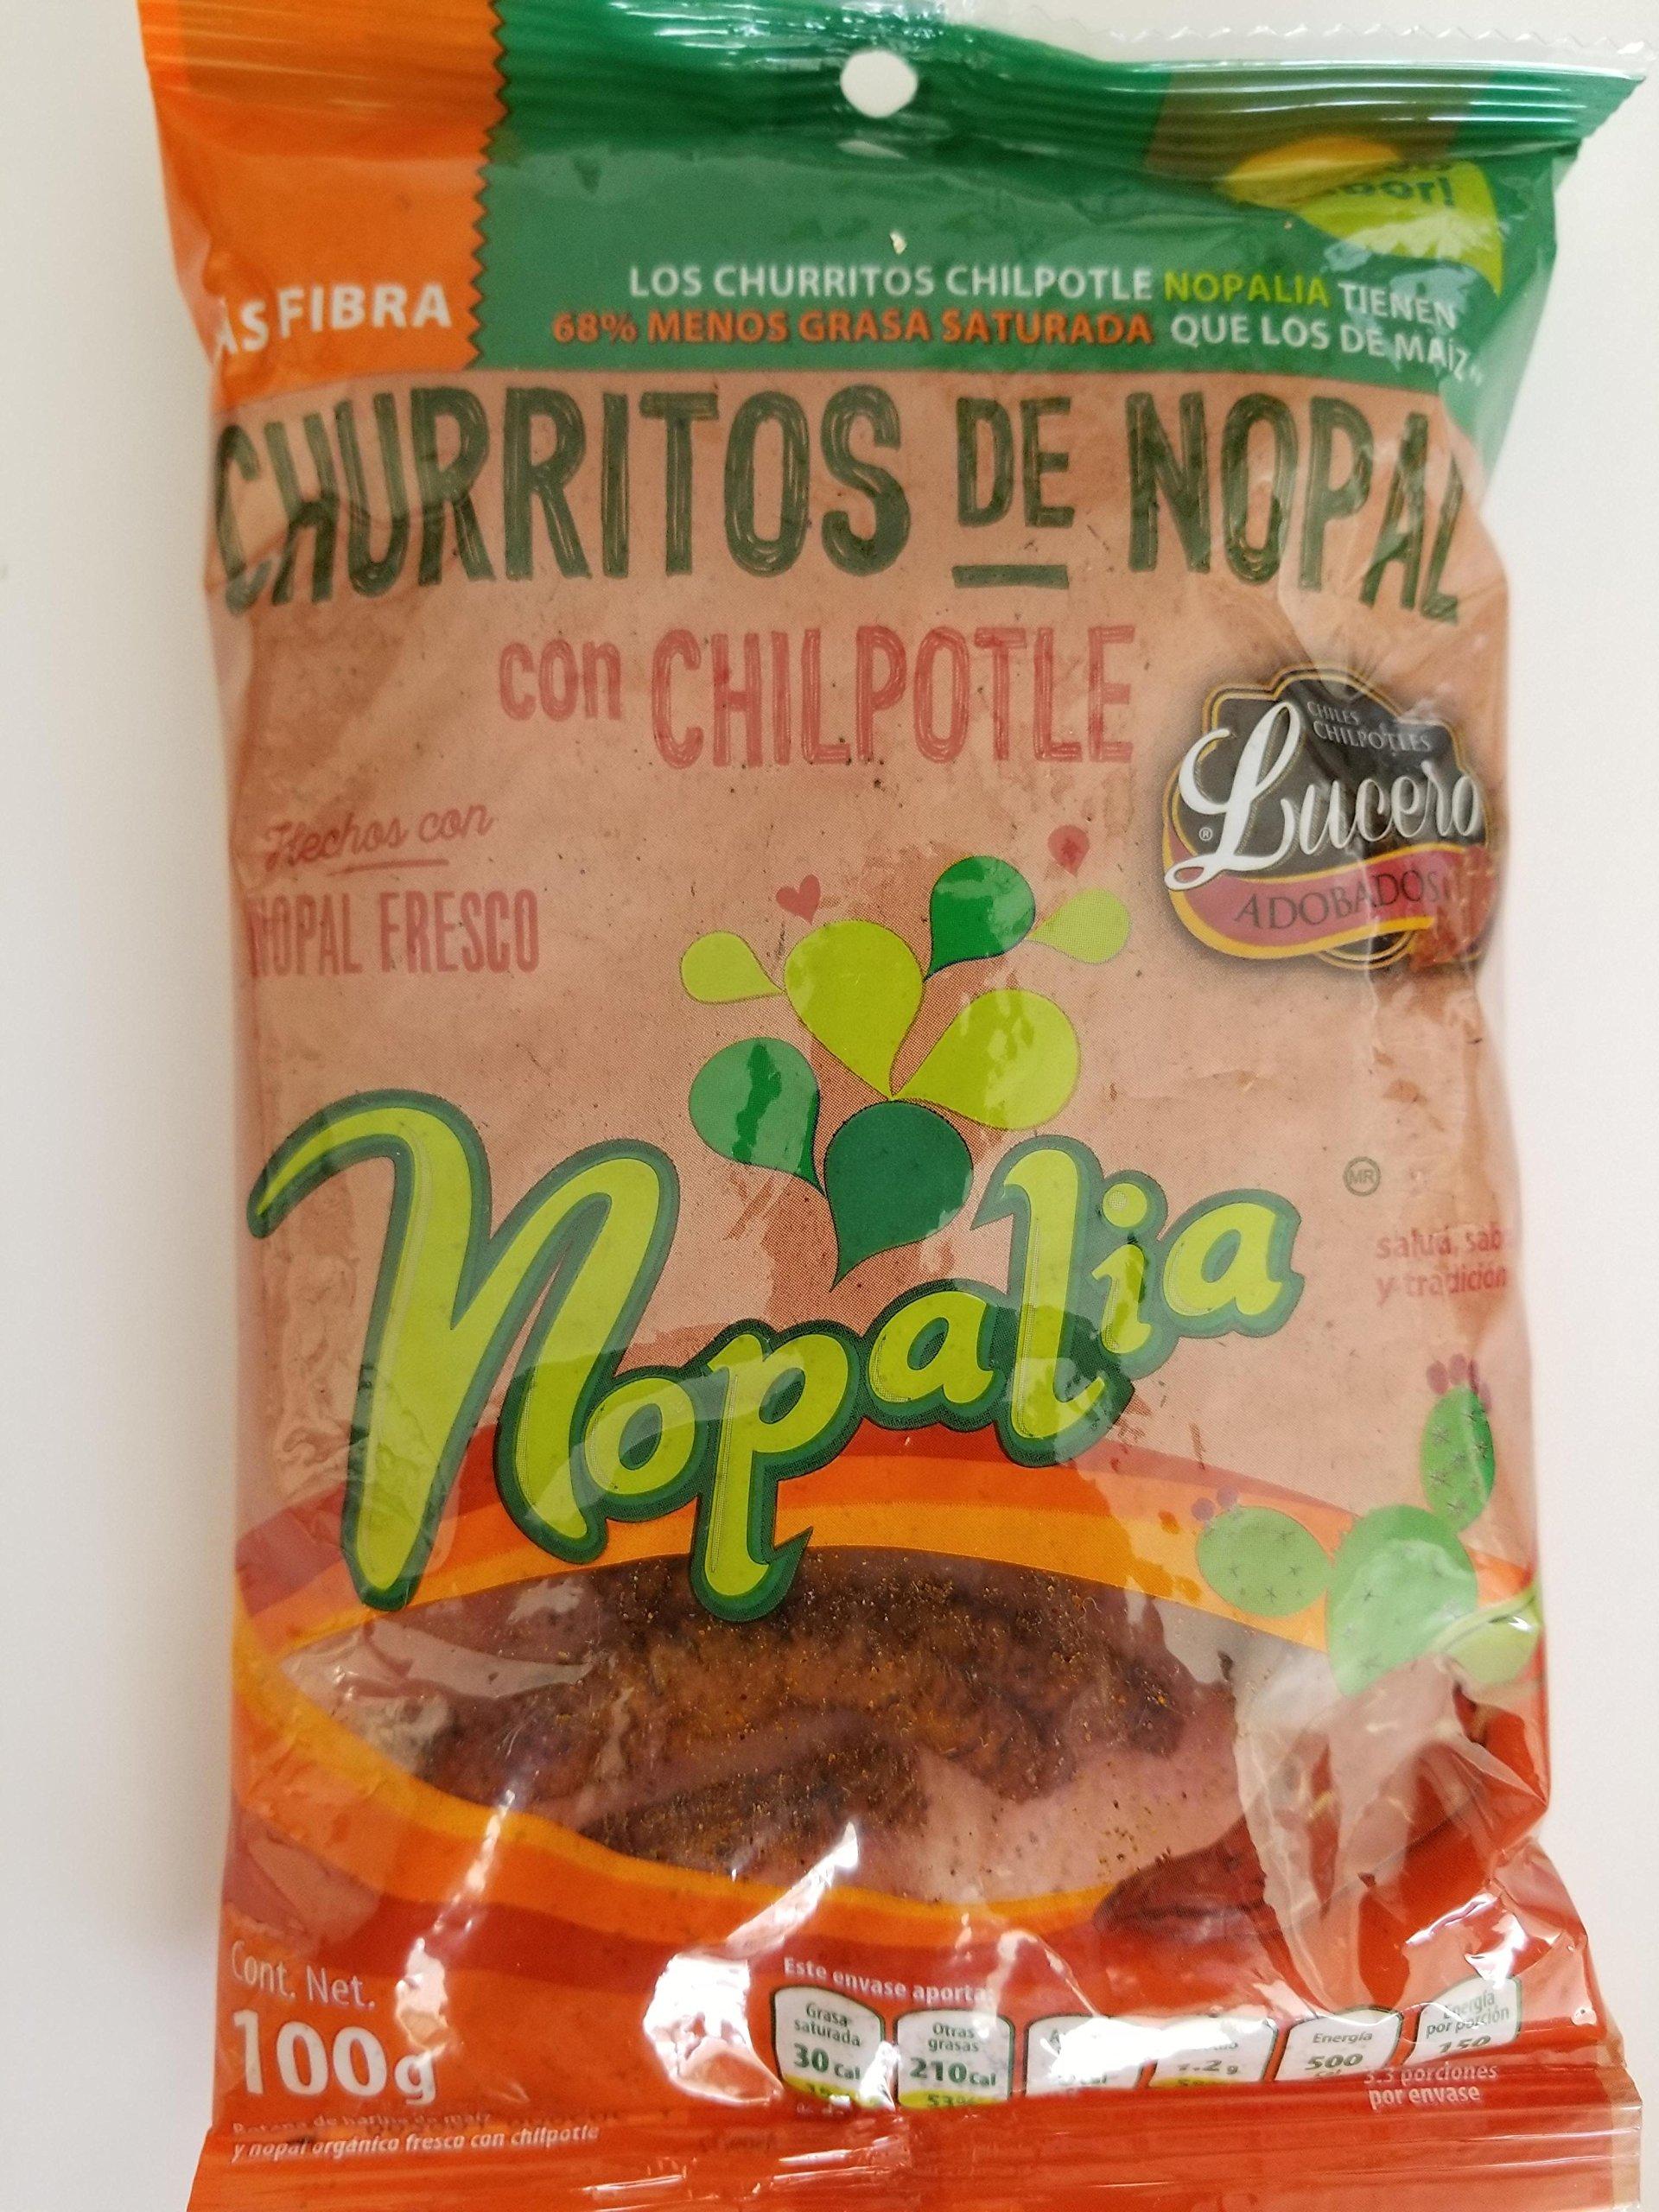 Cactus churritos with chili Chipotle - Churritos de Nopal con chipotle